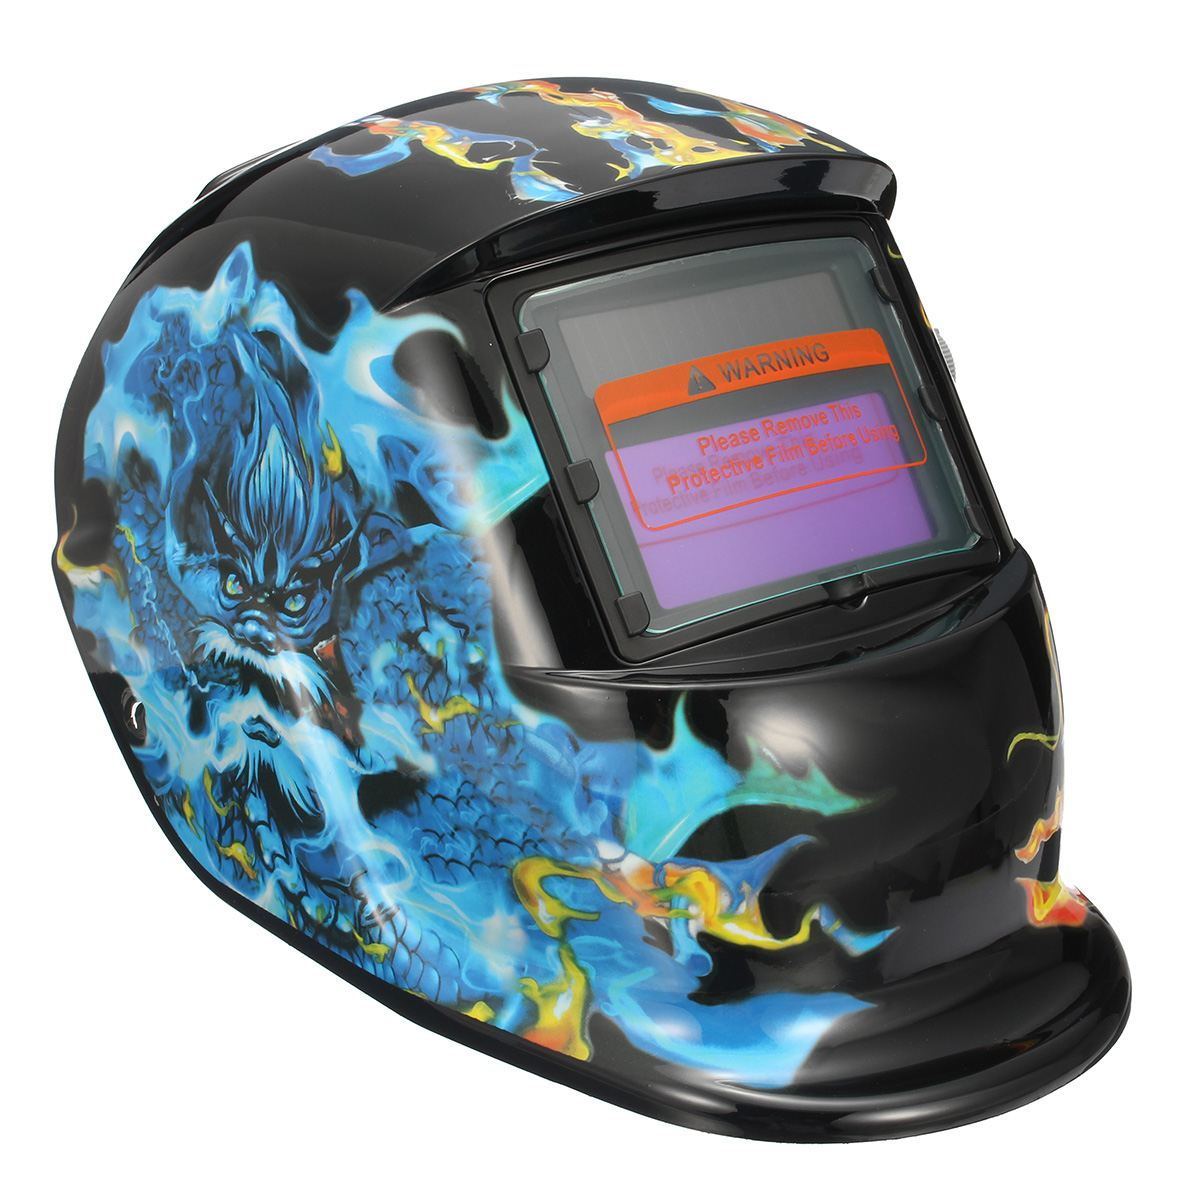 Solar Auto Darkening Welding Welders Helmet Tig Mask Grinding Welder MasksSolar Auto Darkening Welding Welders Helmet Tig Mask Grinding Welder Masks